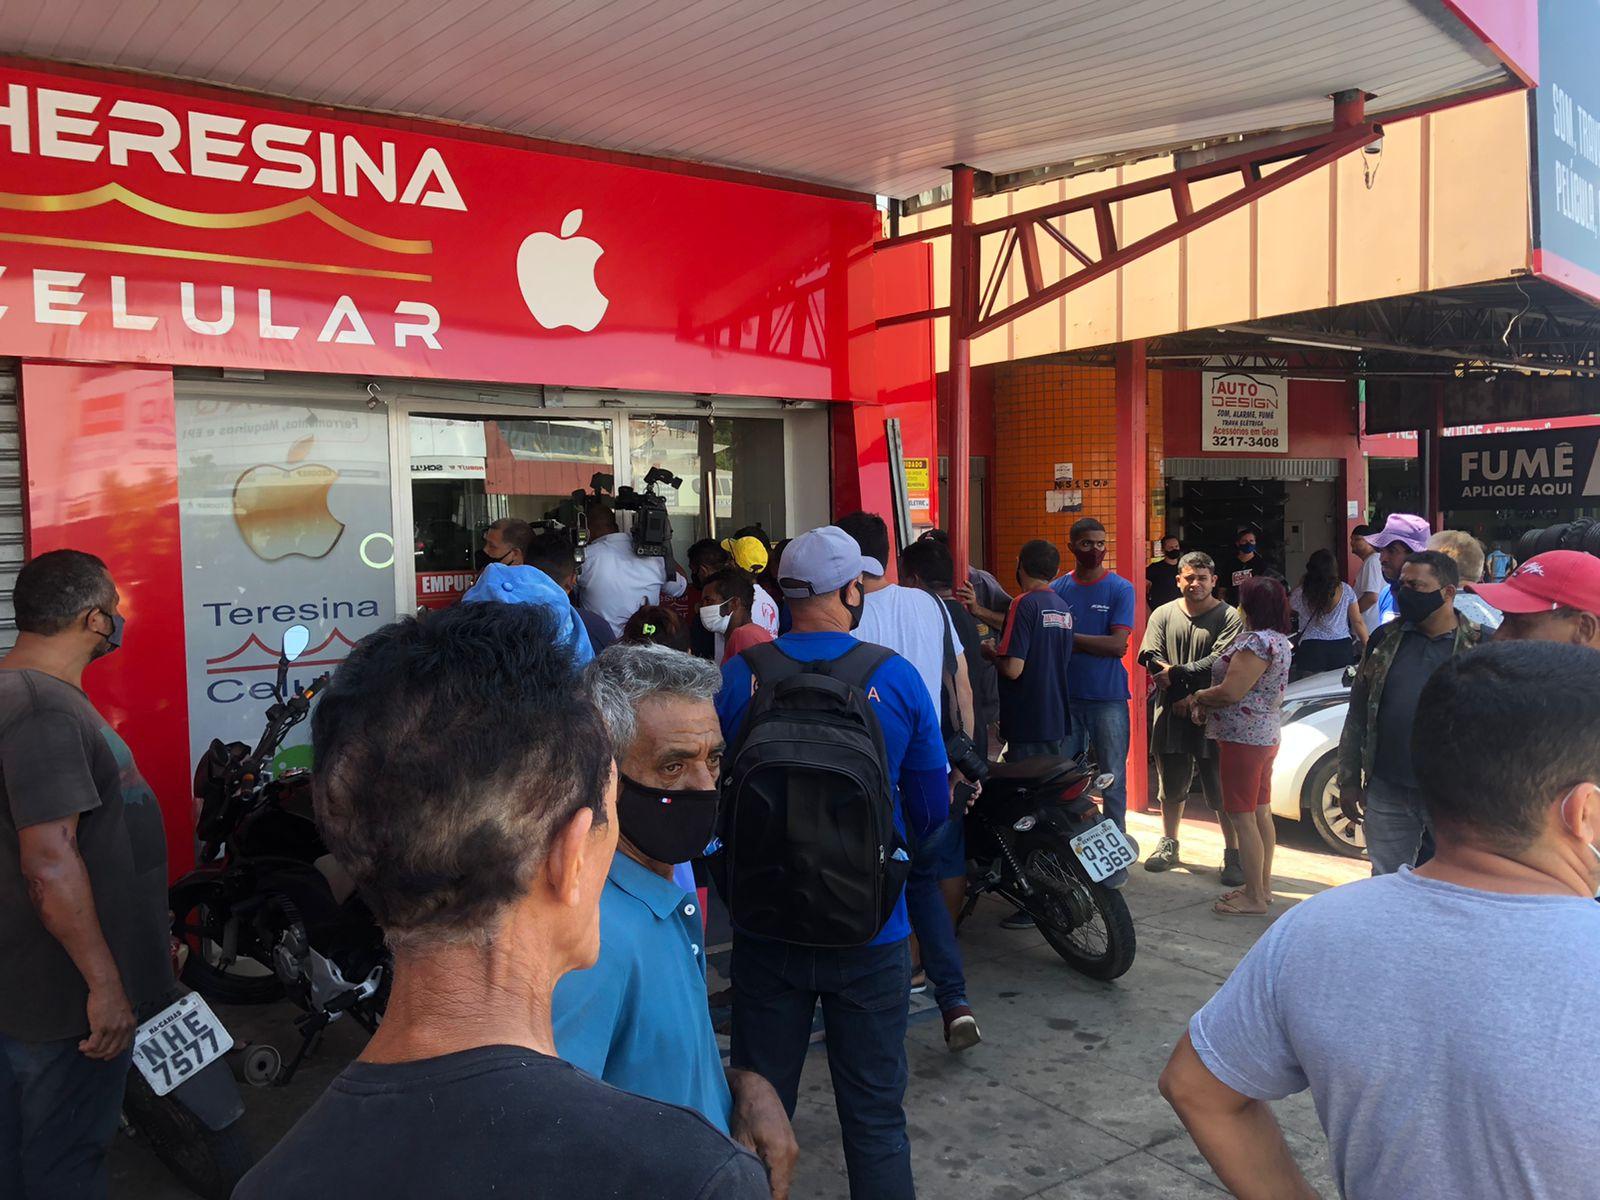 Quatro criminosos anunciaram o assalto no estabelecimento - Foto: Matheus Oliveira